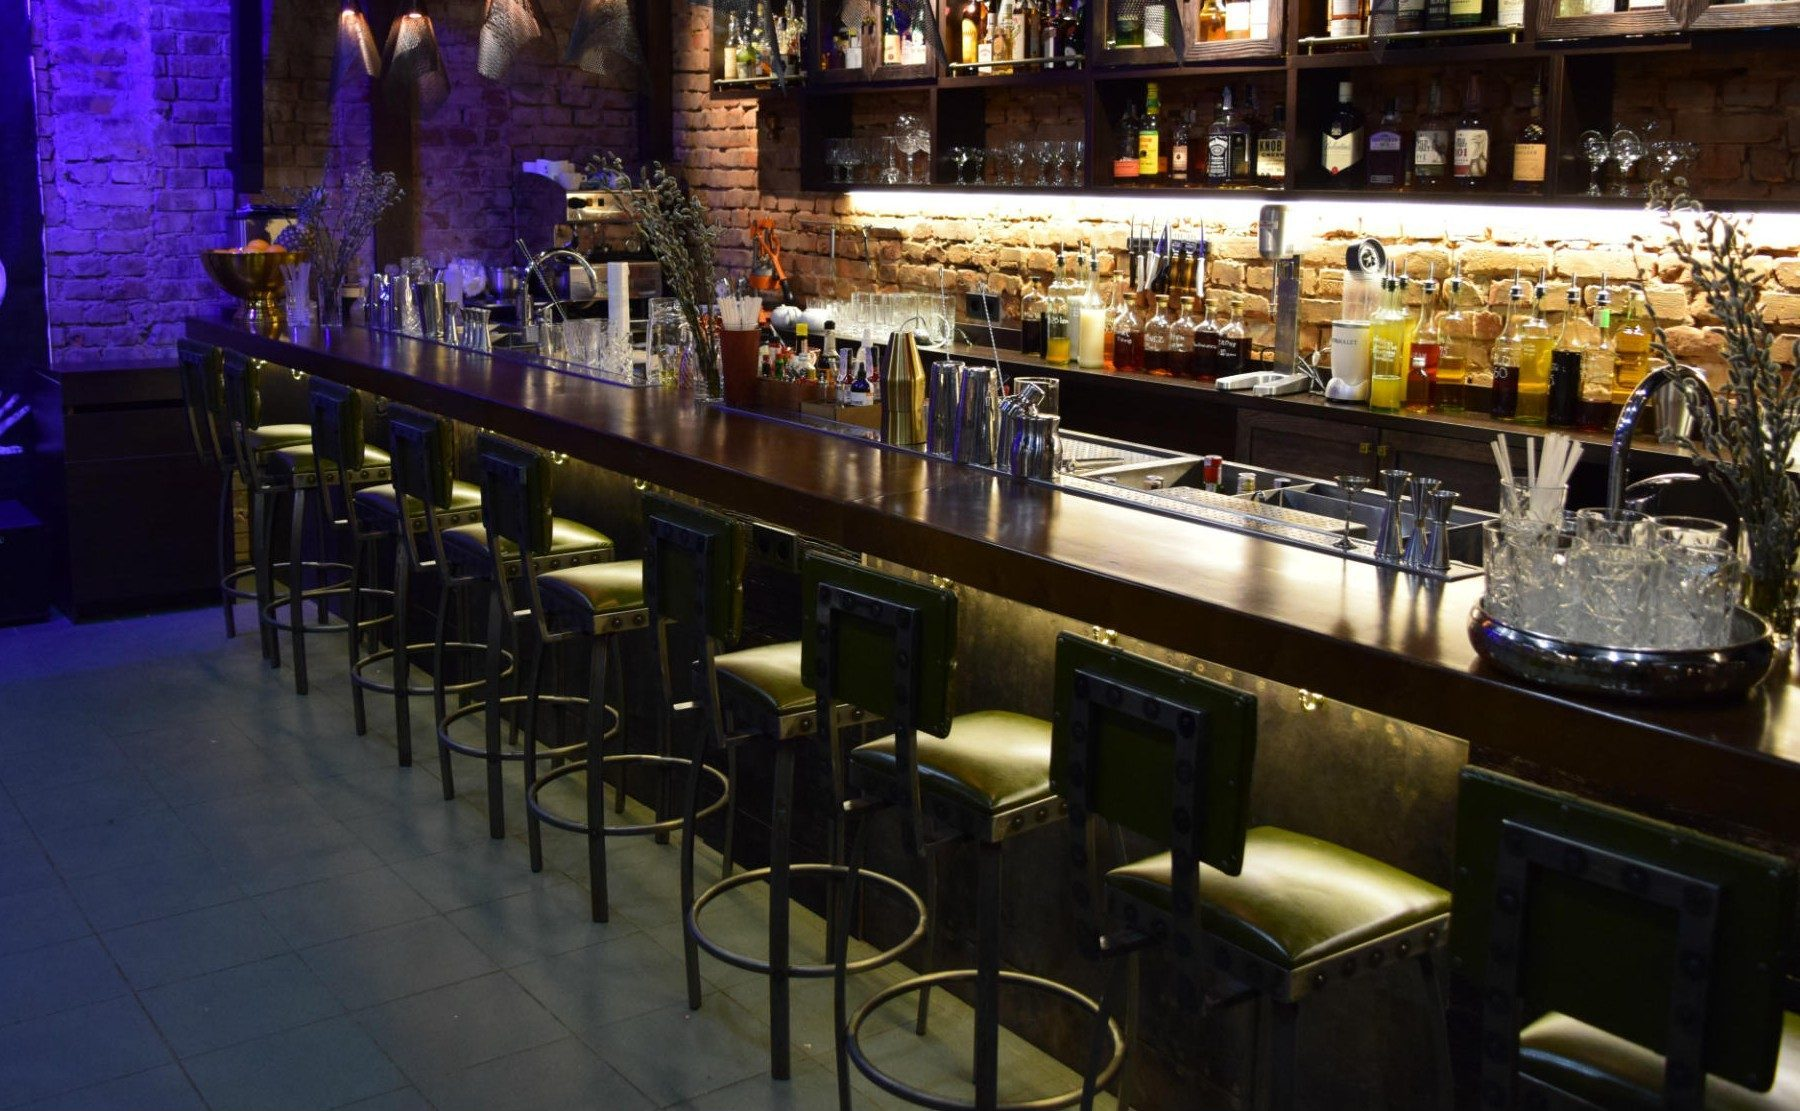 pub_furniture-owtbaokh66c5is9y67b3zhgui5wqlkn65vadsmw67a